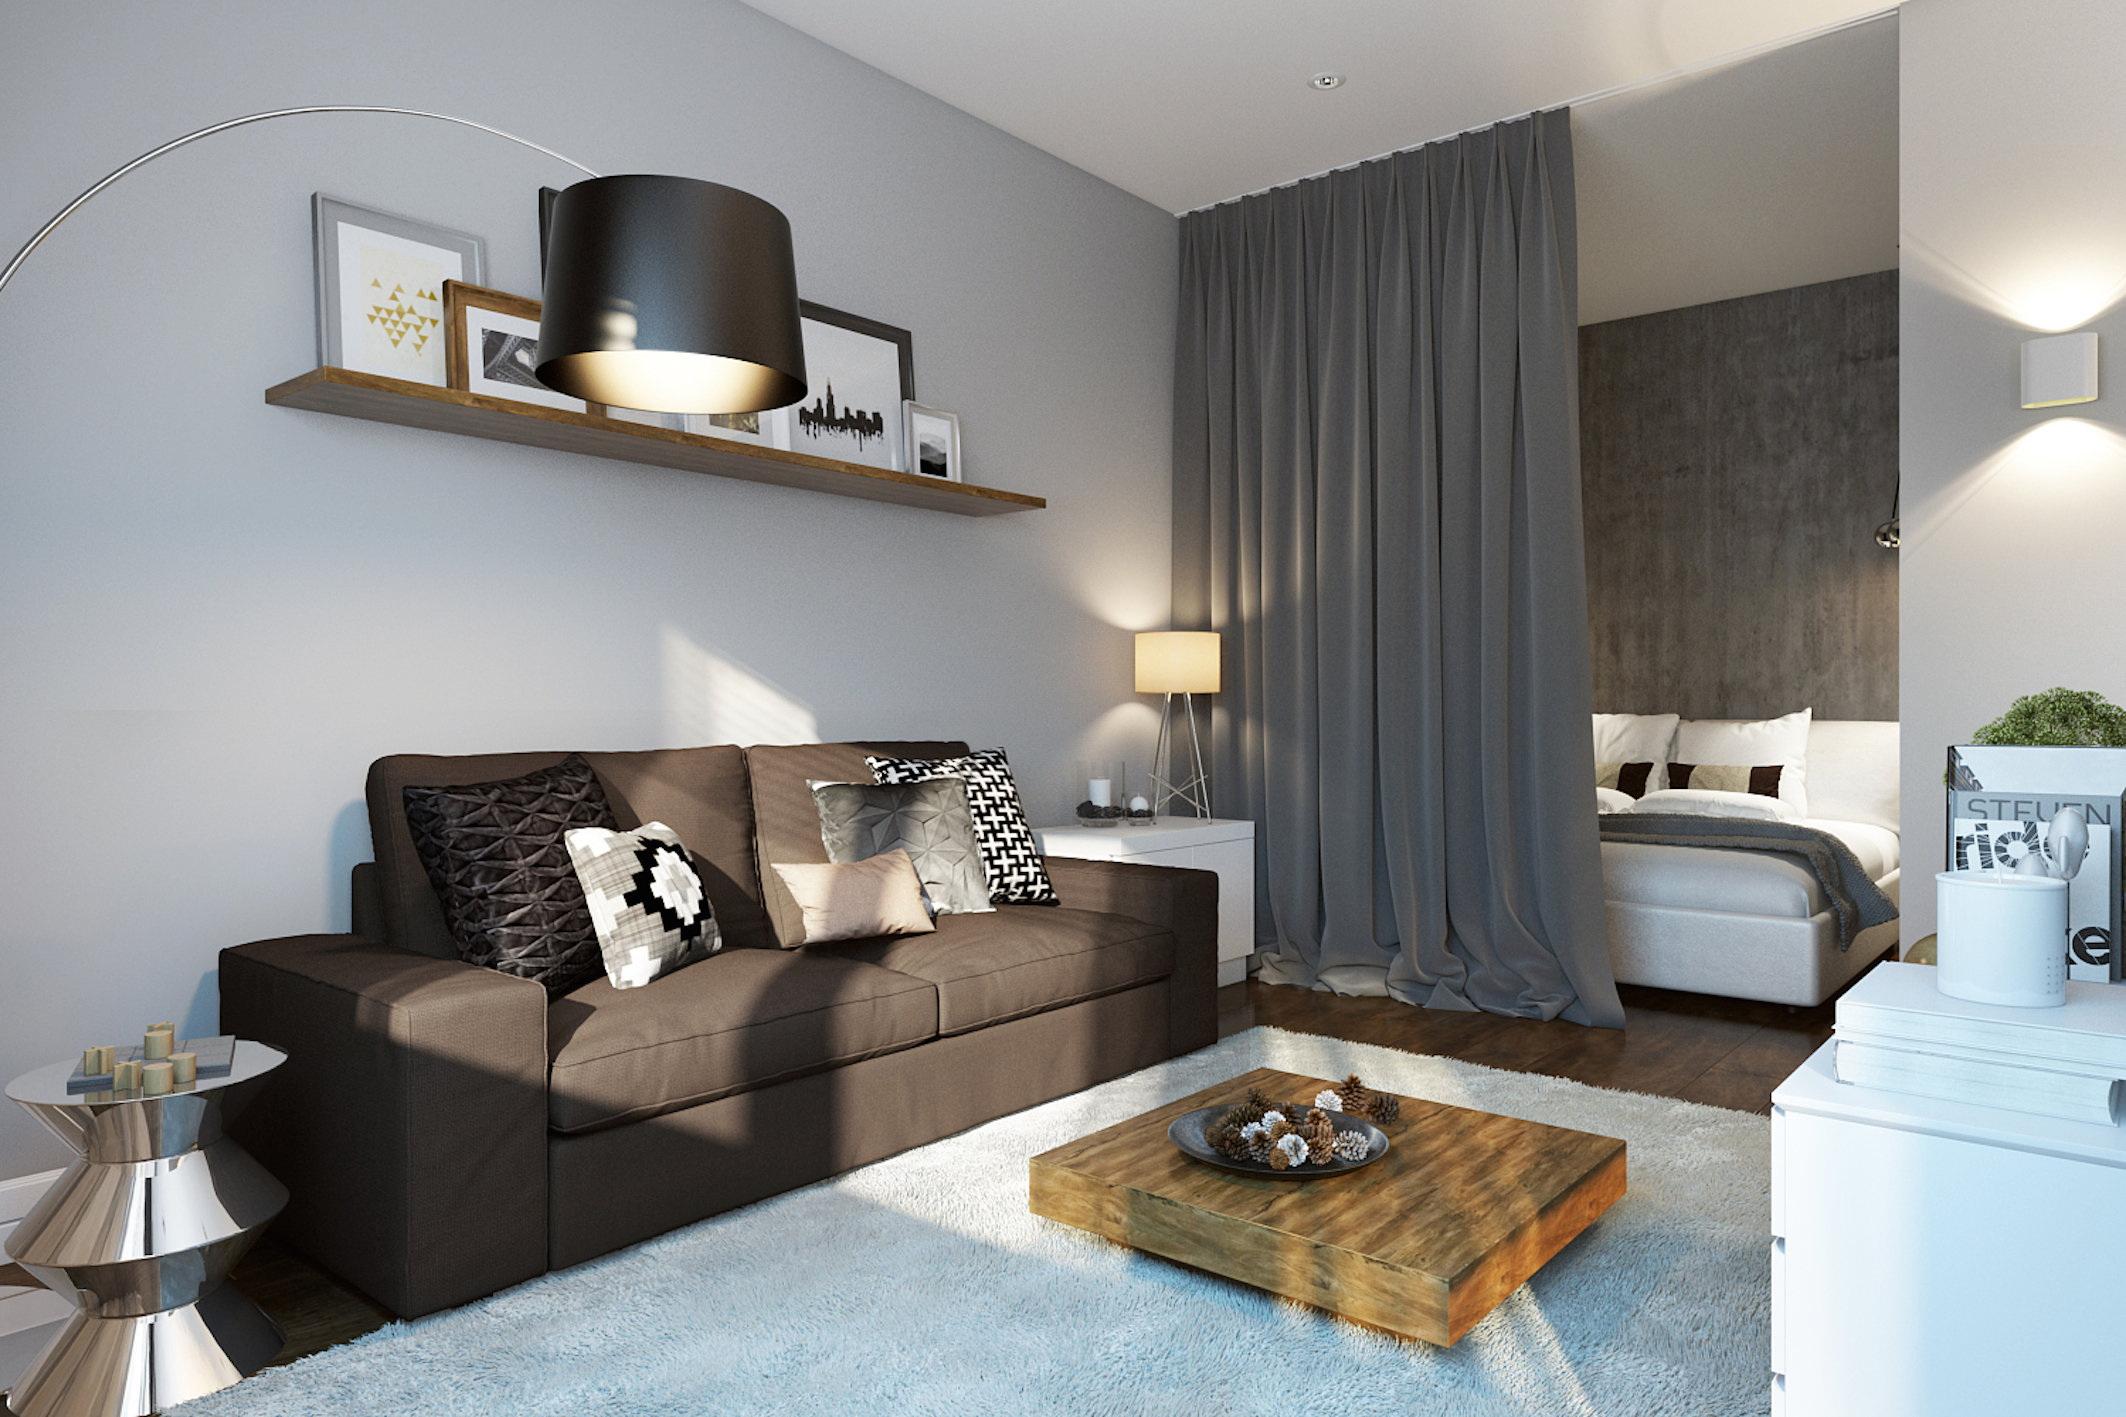 chambre salon 17 m² idées intérieur